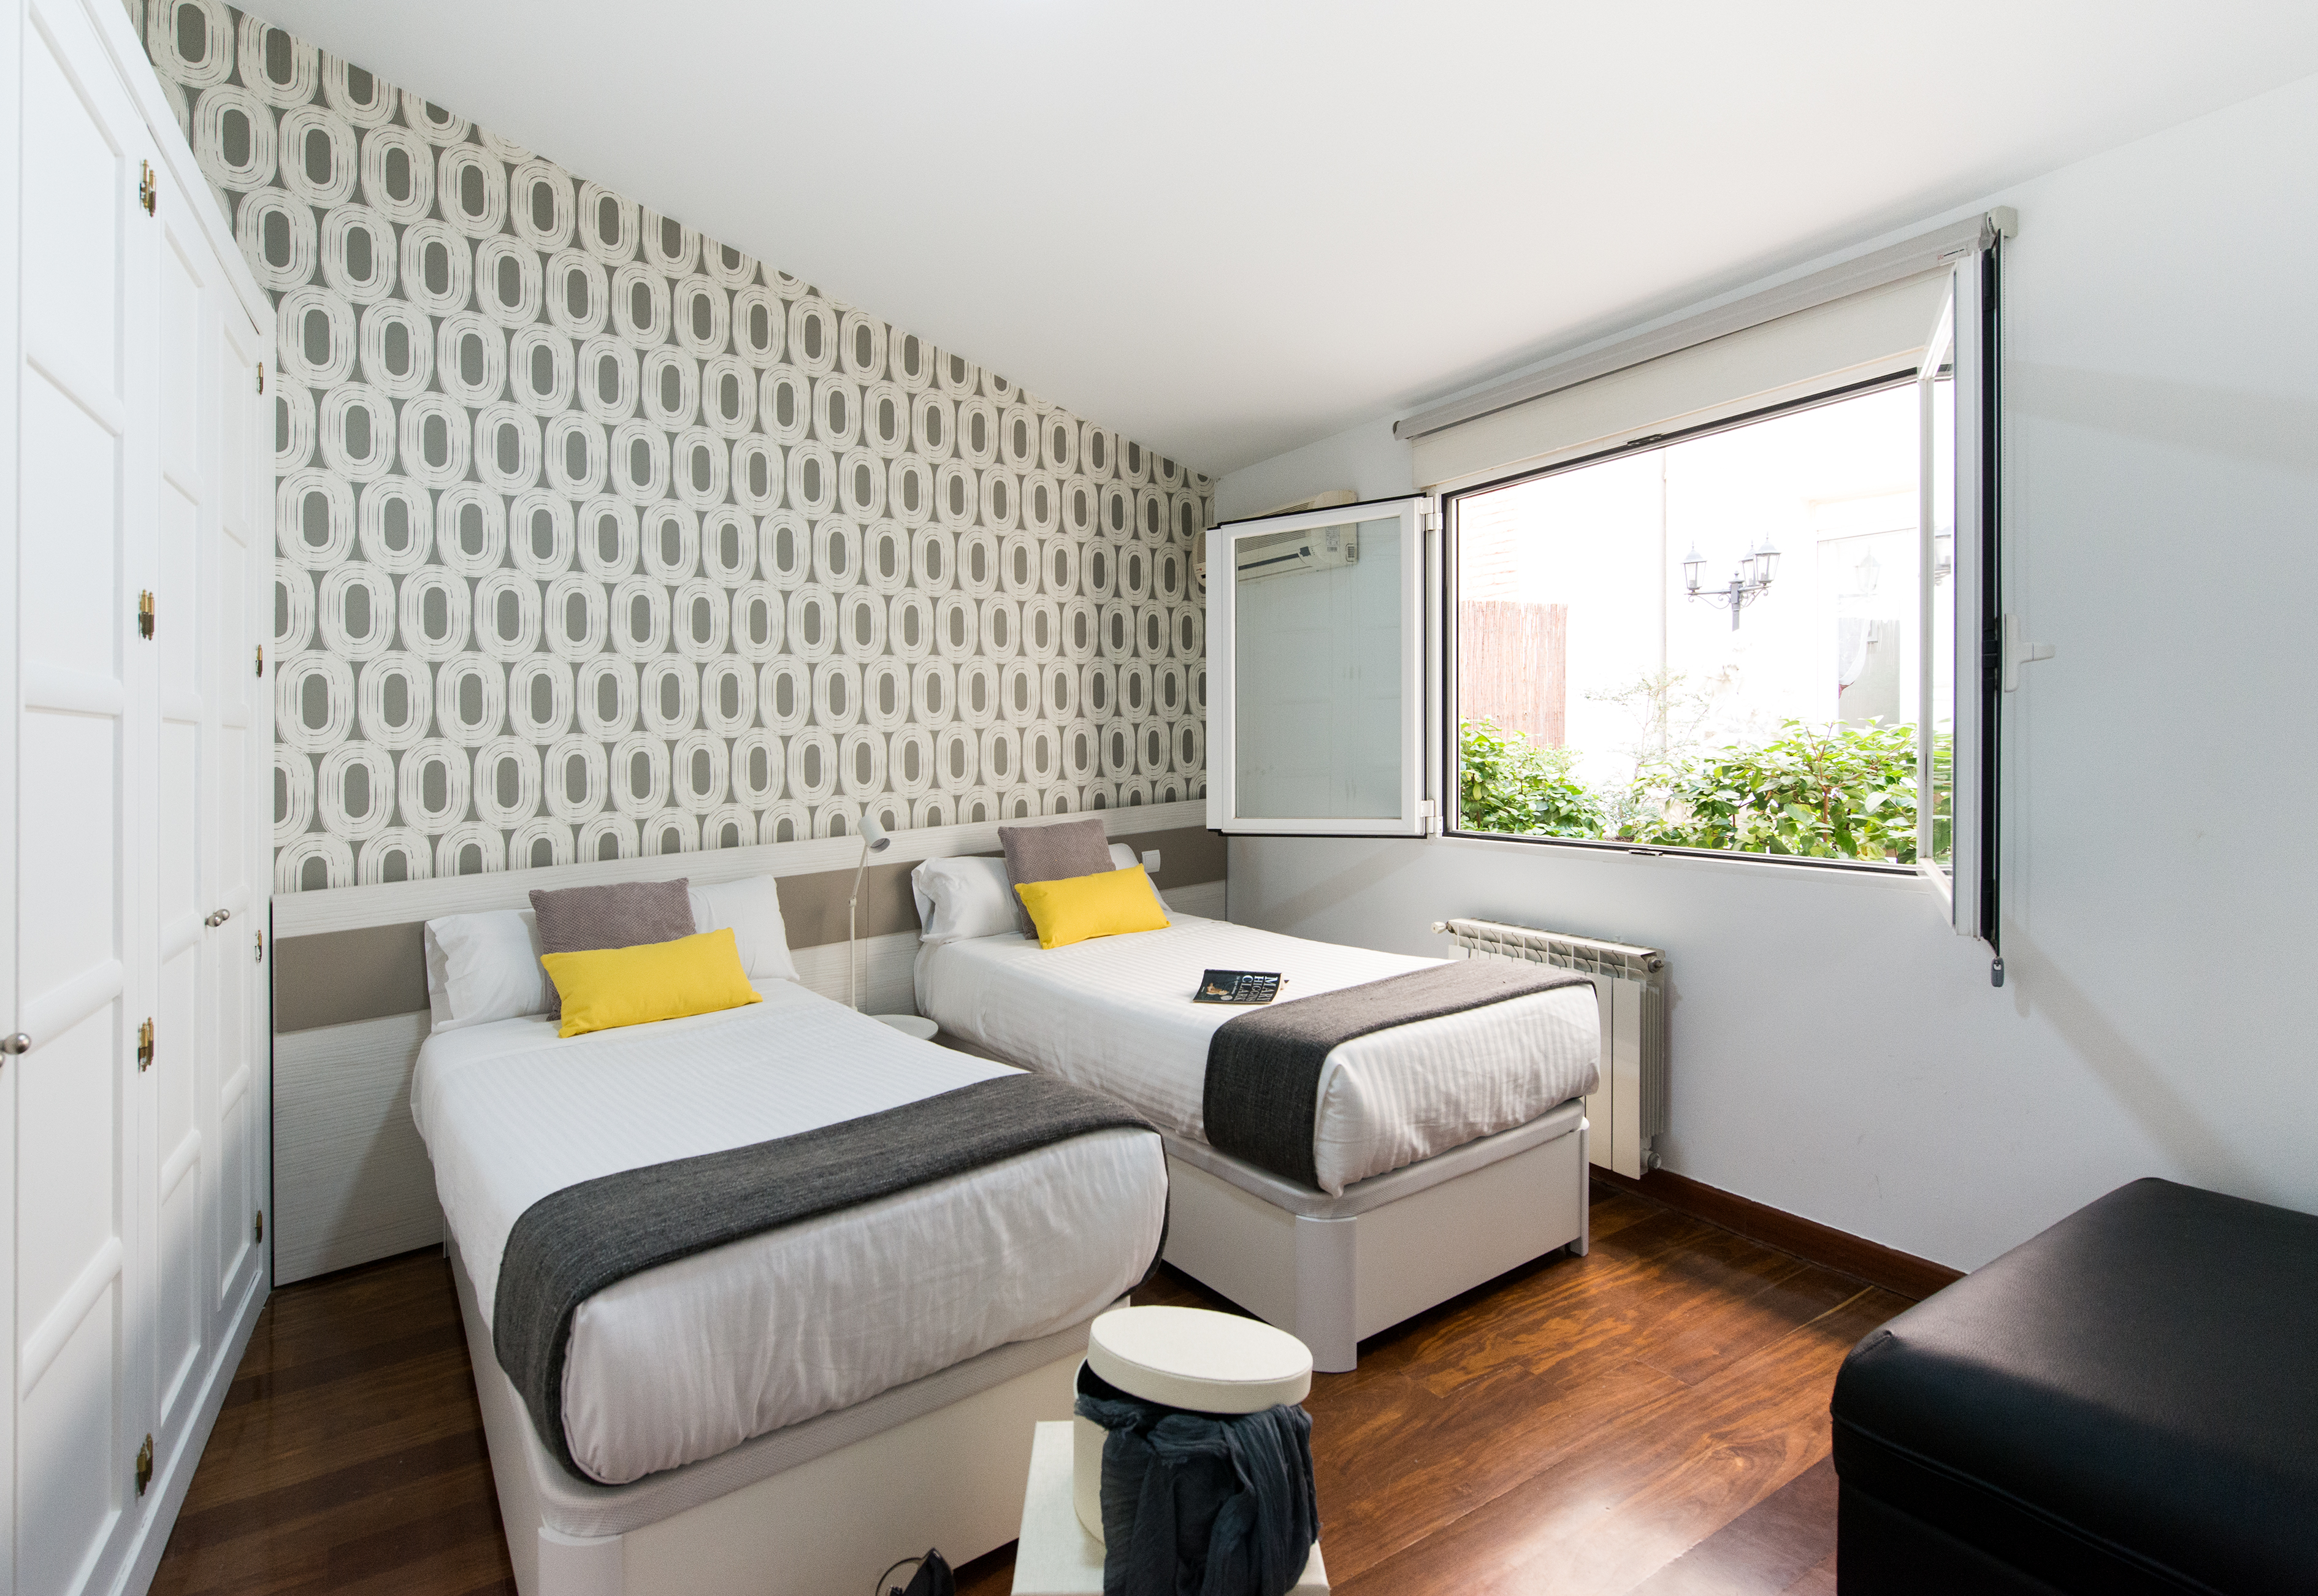 CENTRO apartamento 1 dormitorio con terraza